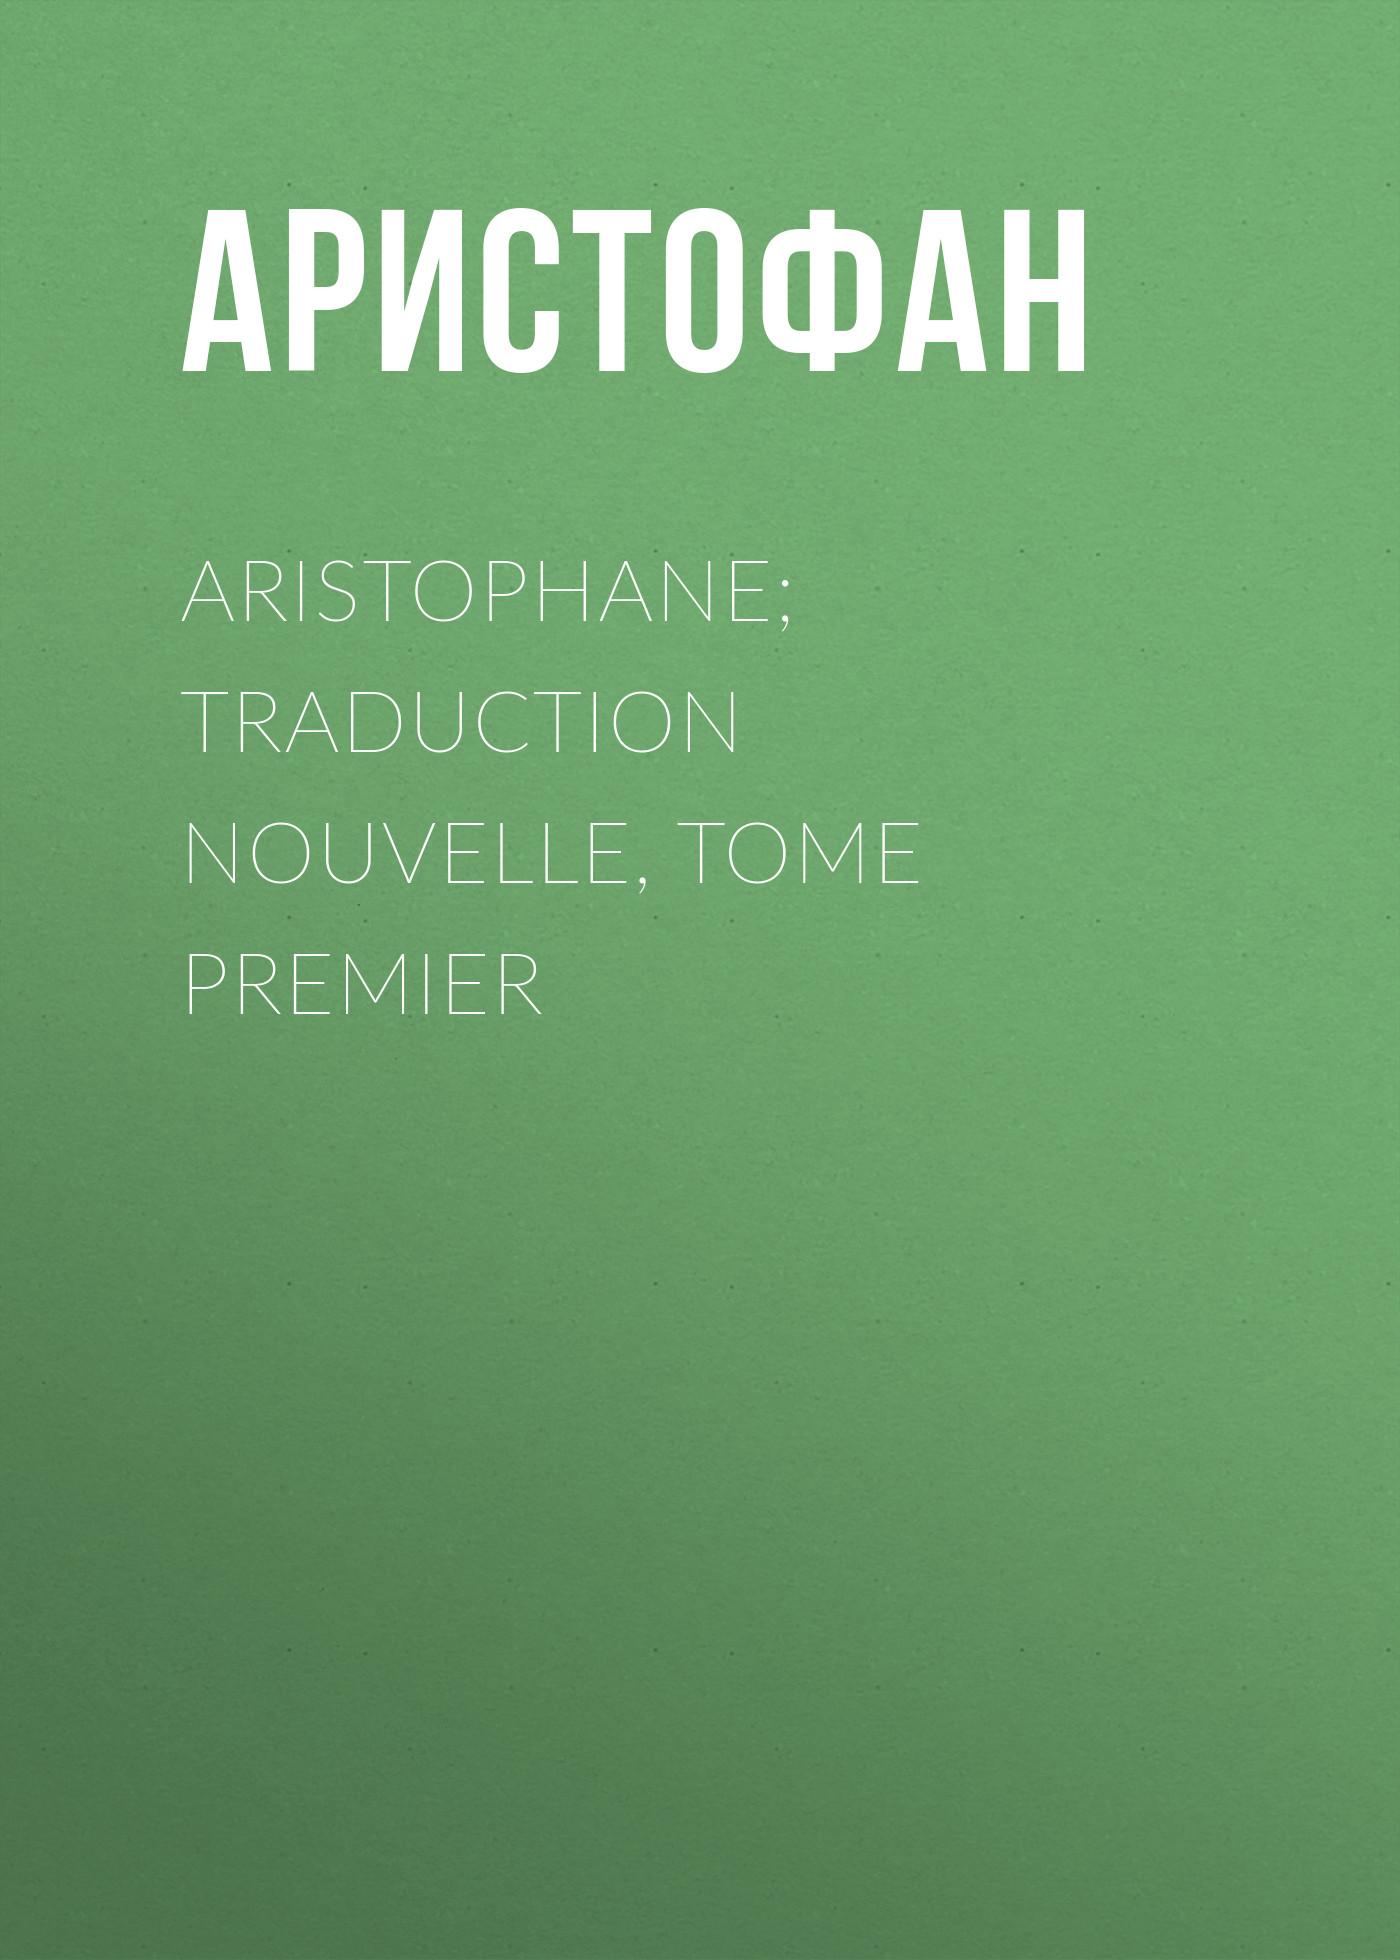 Aristophane; Traduction nouvelle, tome premier